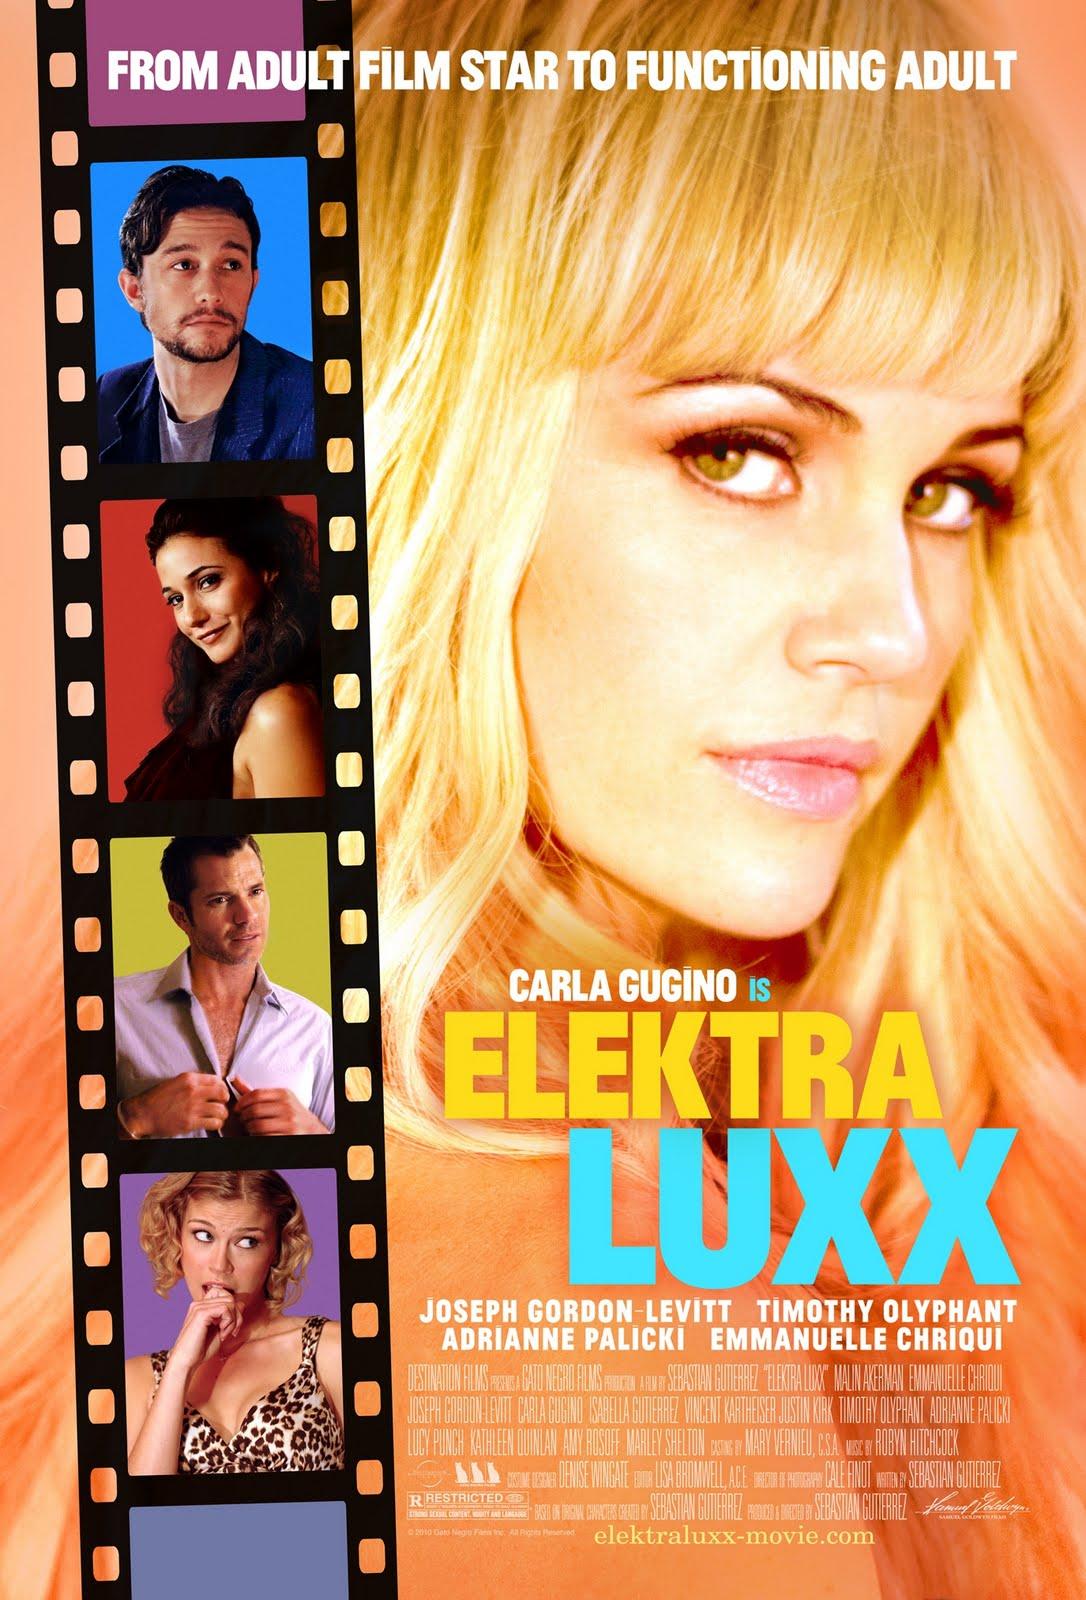 Elektra Luxx [VOSTFR] [DVDRip] [FS](US)